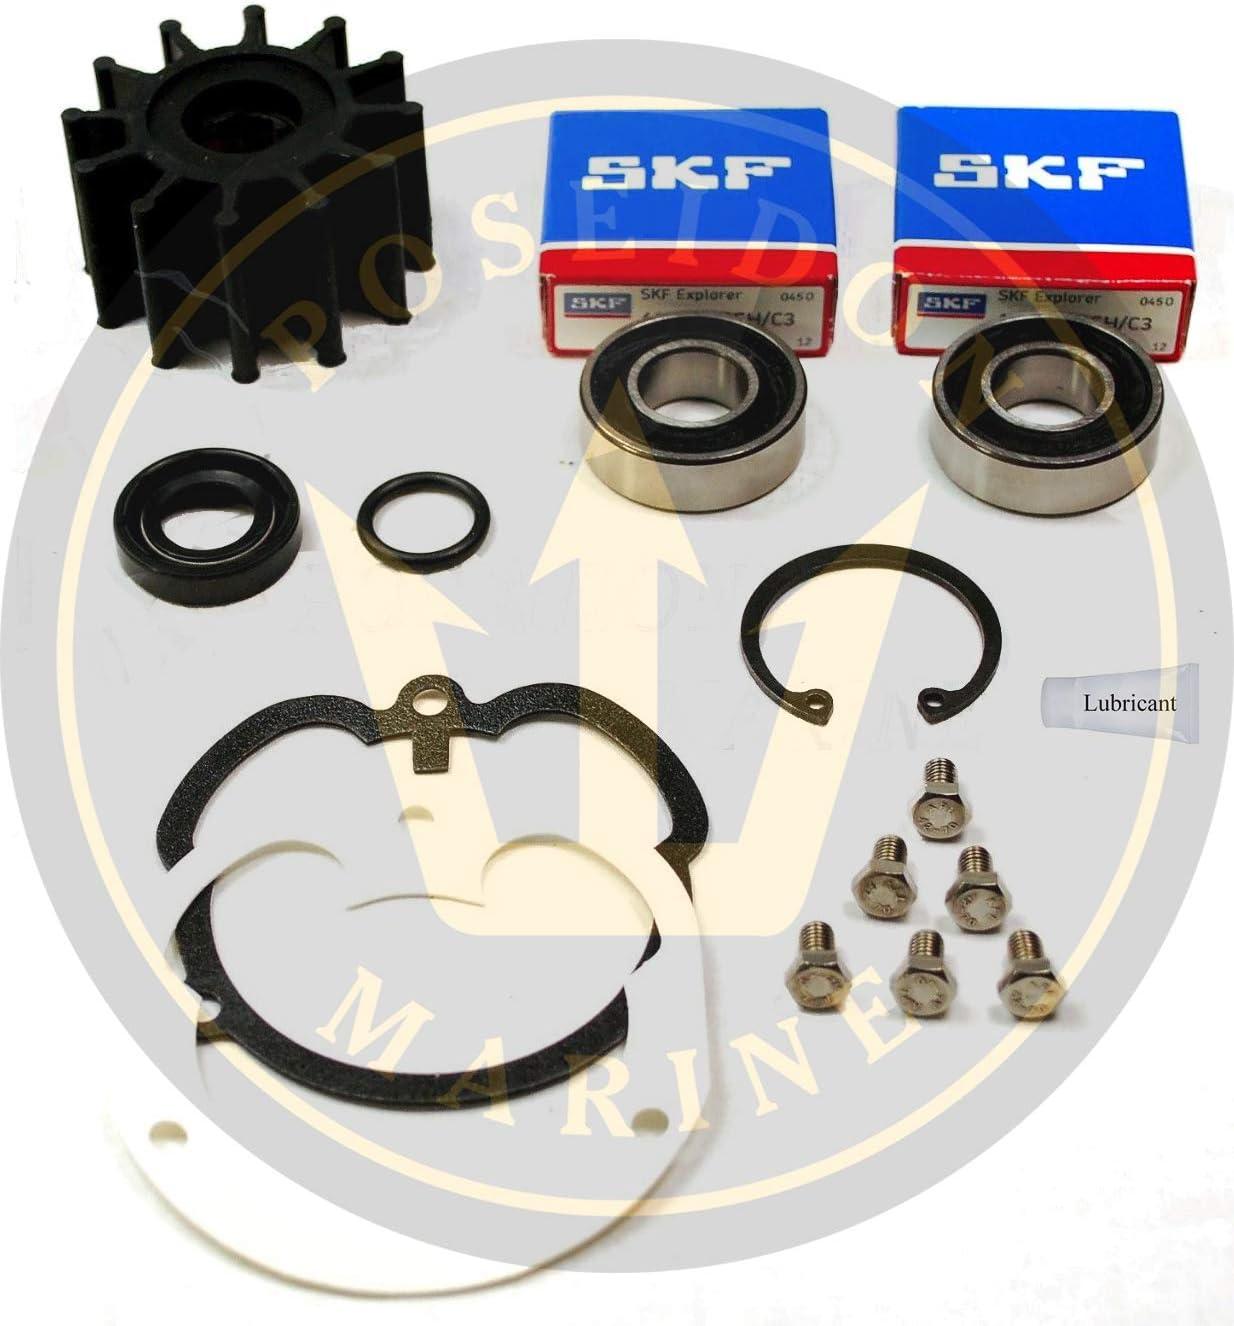 OMC Pumps 3858847 3857794 3851982 3851623 Rebuild Service Kit for Volvo Penta